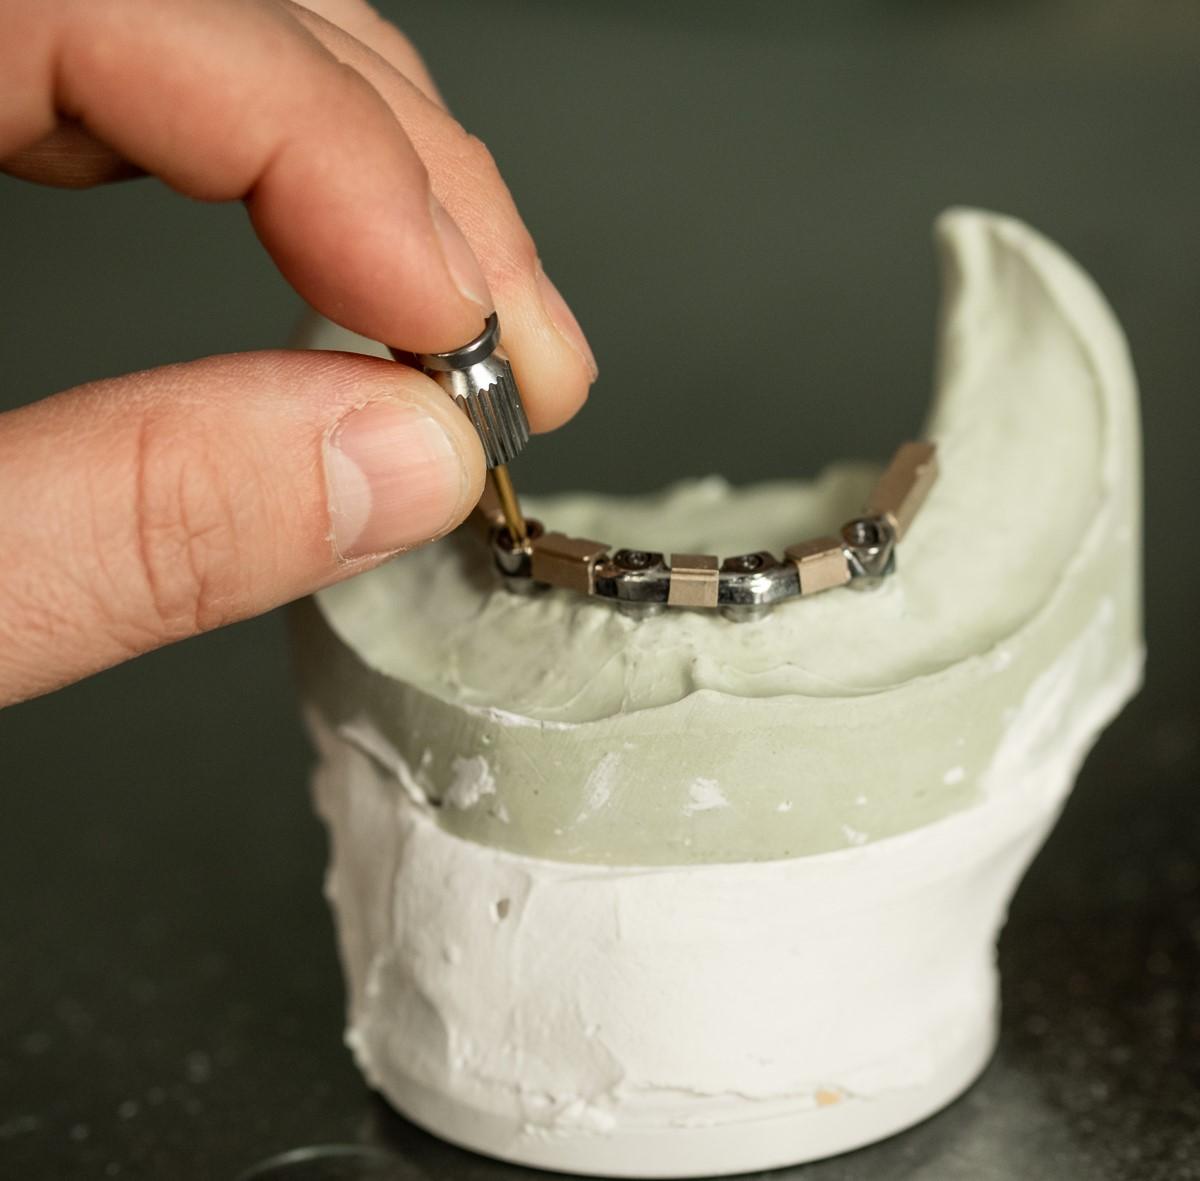 prothese-sur-implants